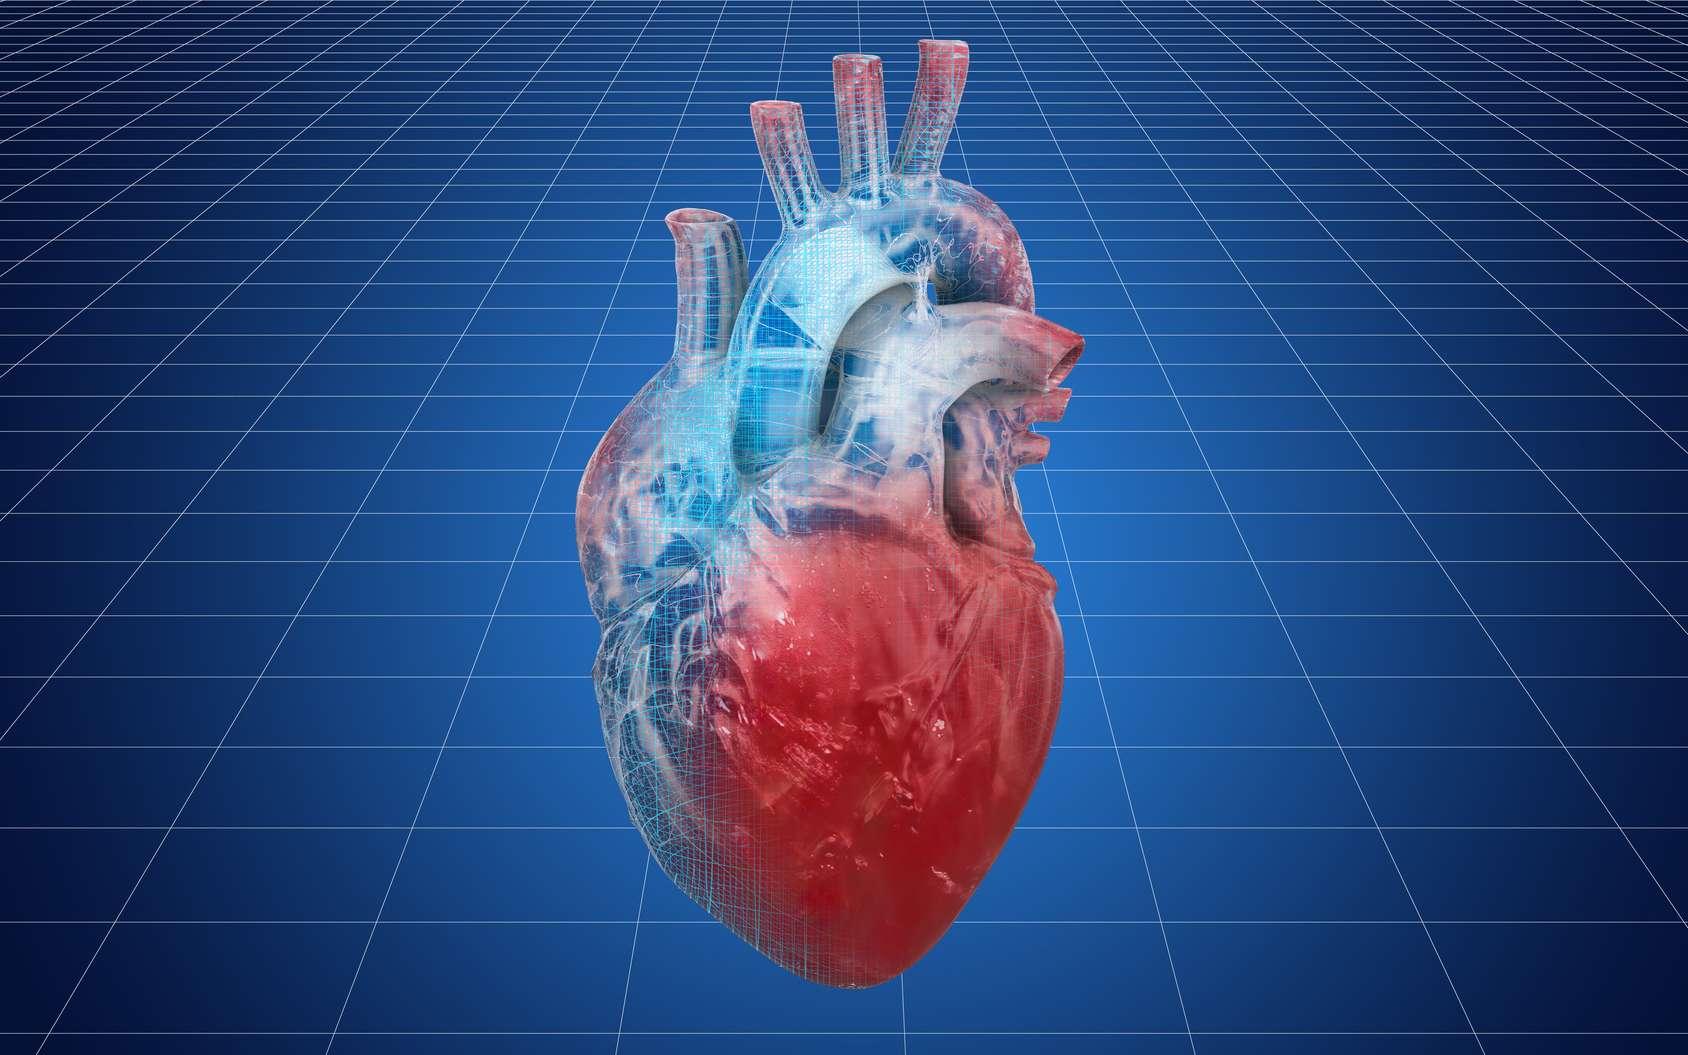 Des chercheurs américains ont réussi à imprimer des parties fonctionnelles du cœur. © alexlmx, Fotolia